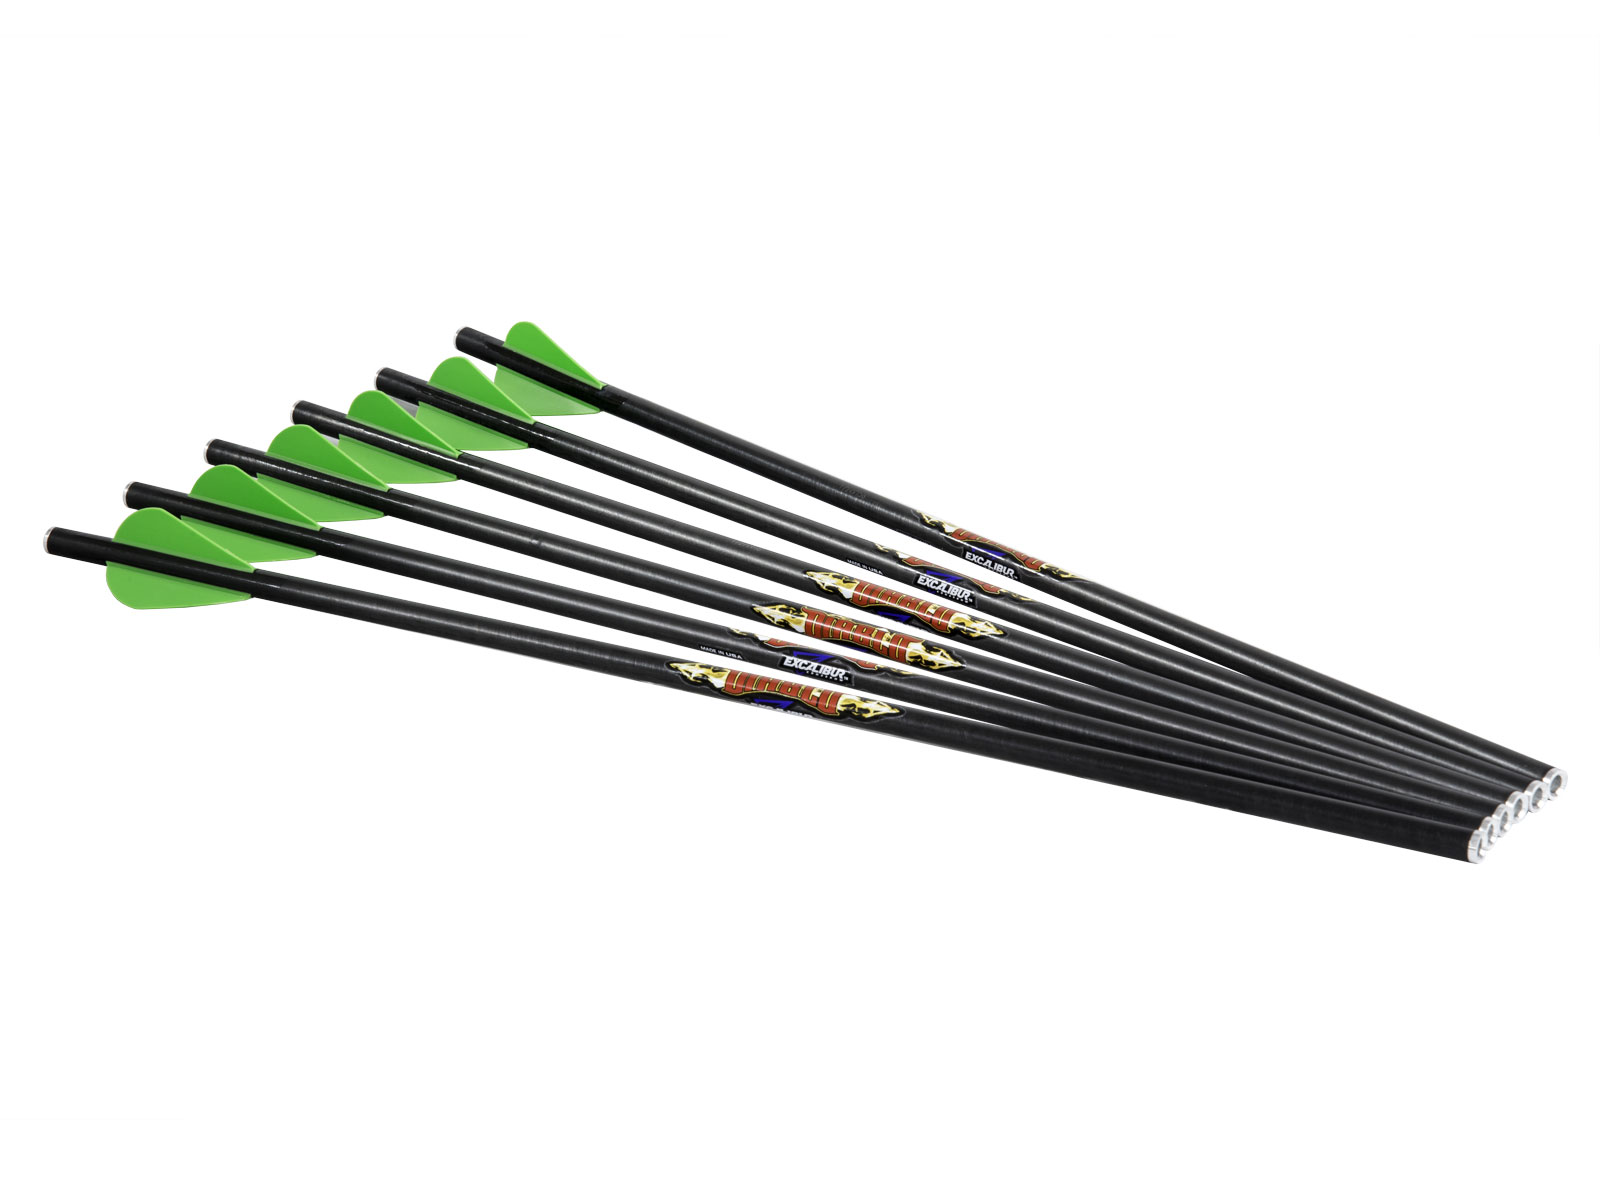 Diablo 18 Carbon Arrow 6p